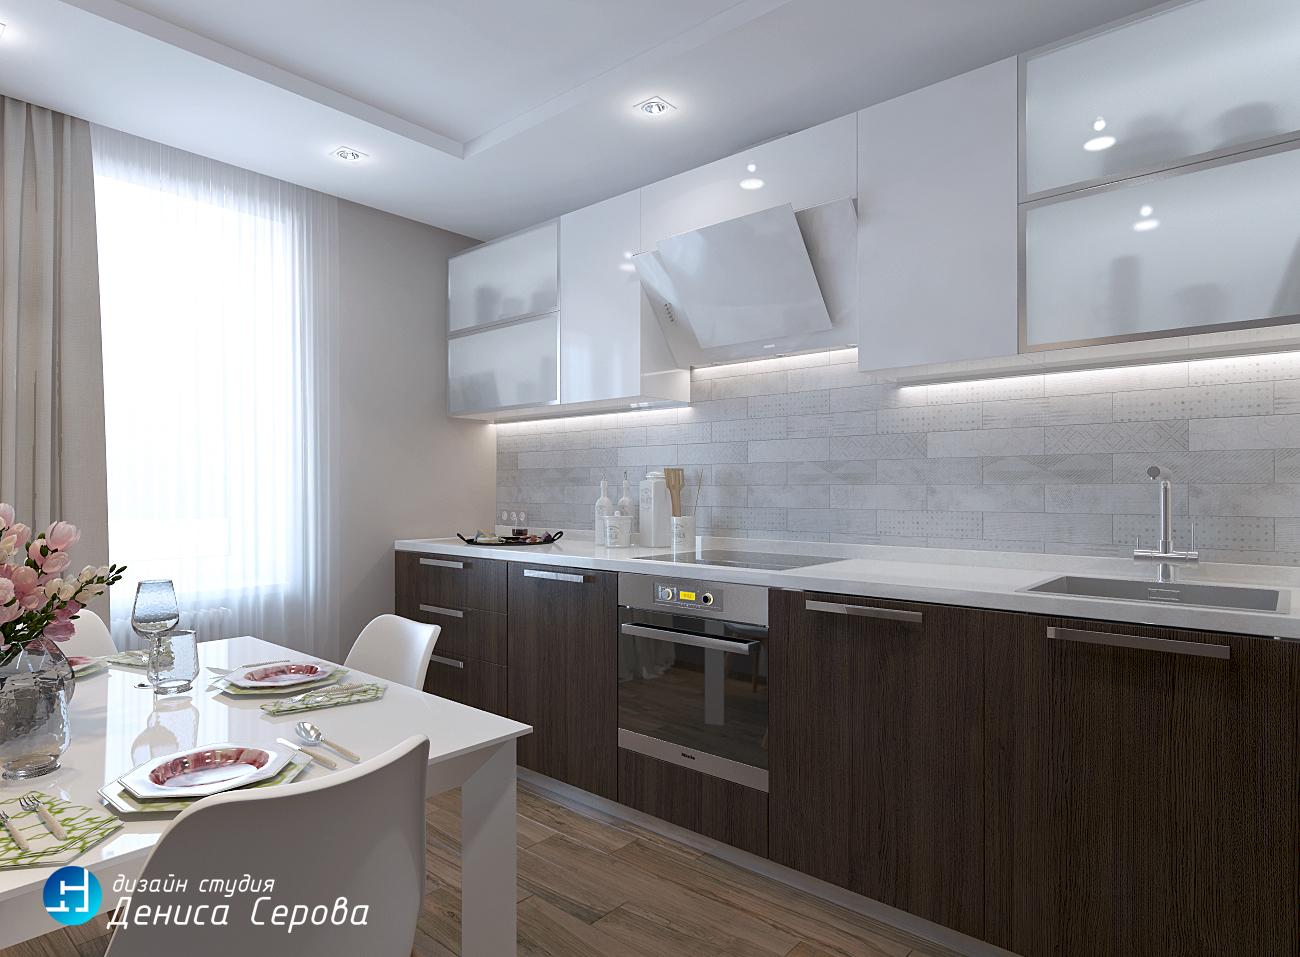 однокомнатная квартира 40 кв.м. дизайн проект